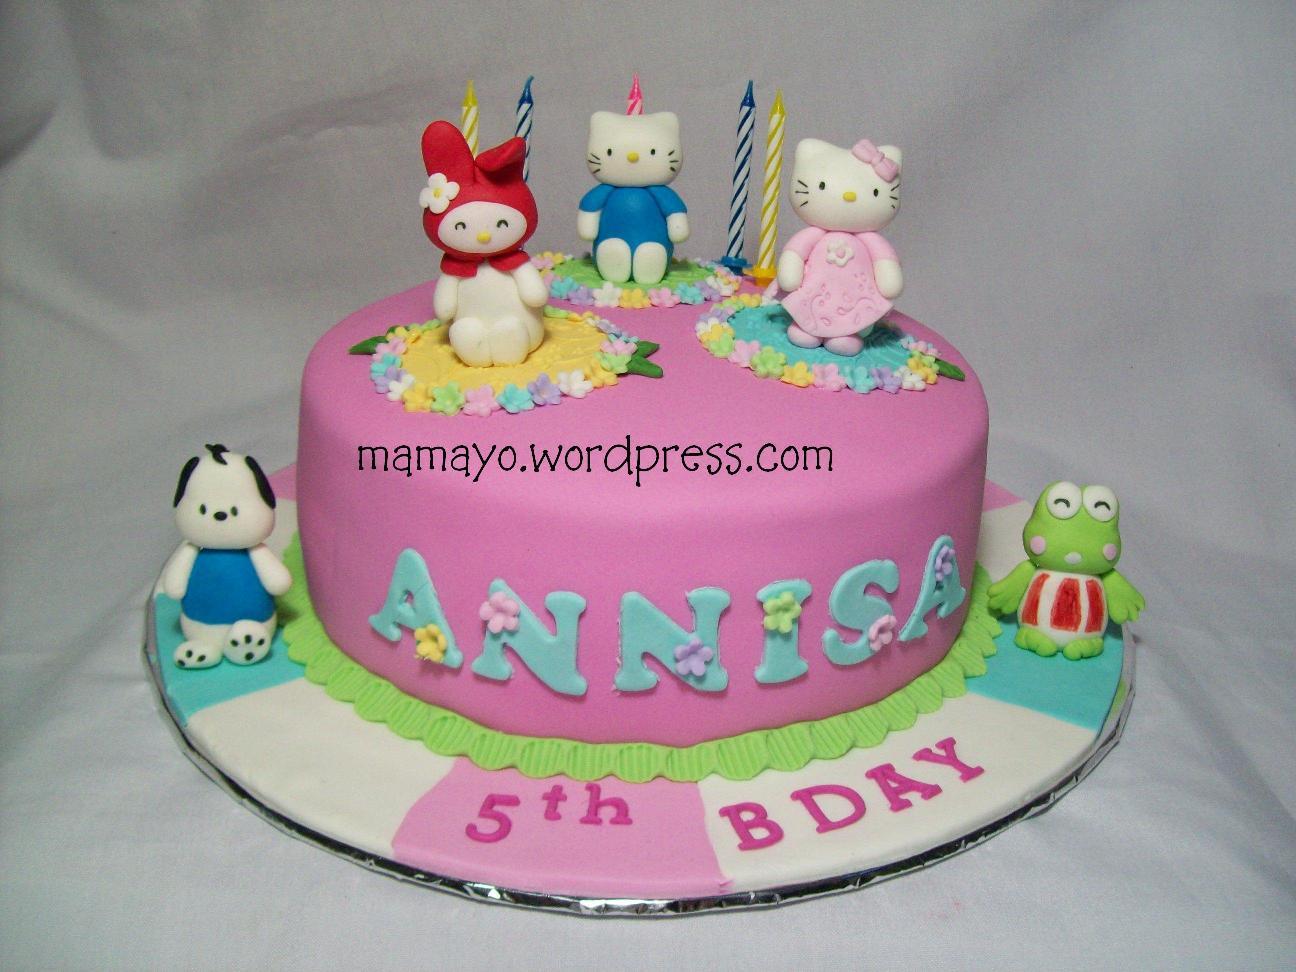 Kue Ulang Tahun Mamayo Halaman 65